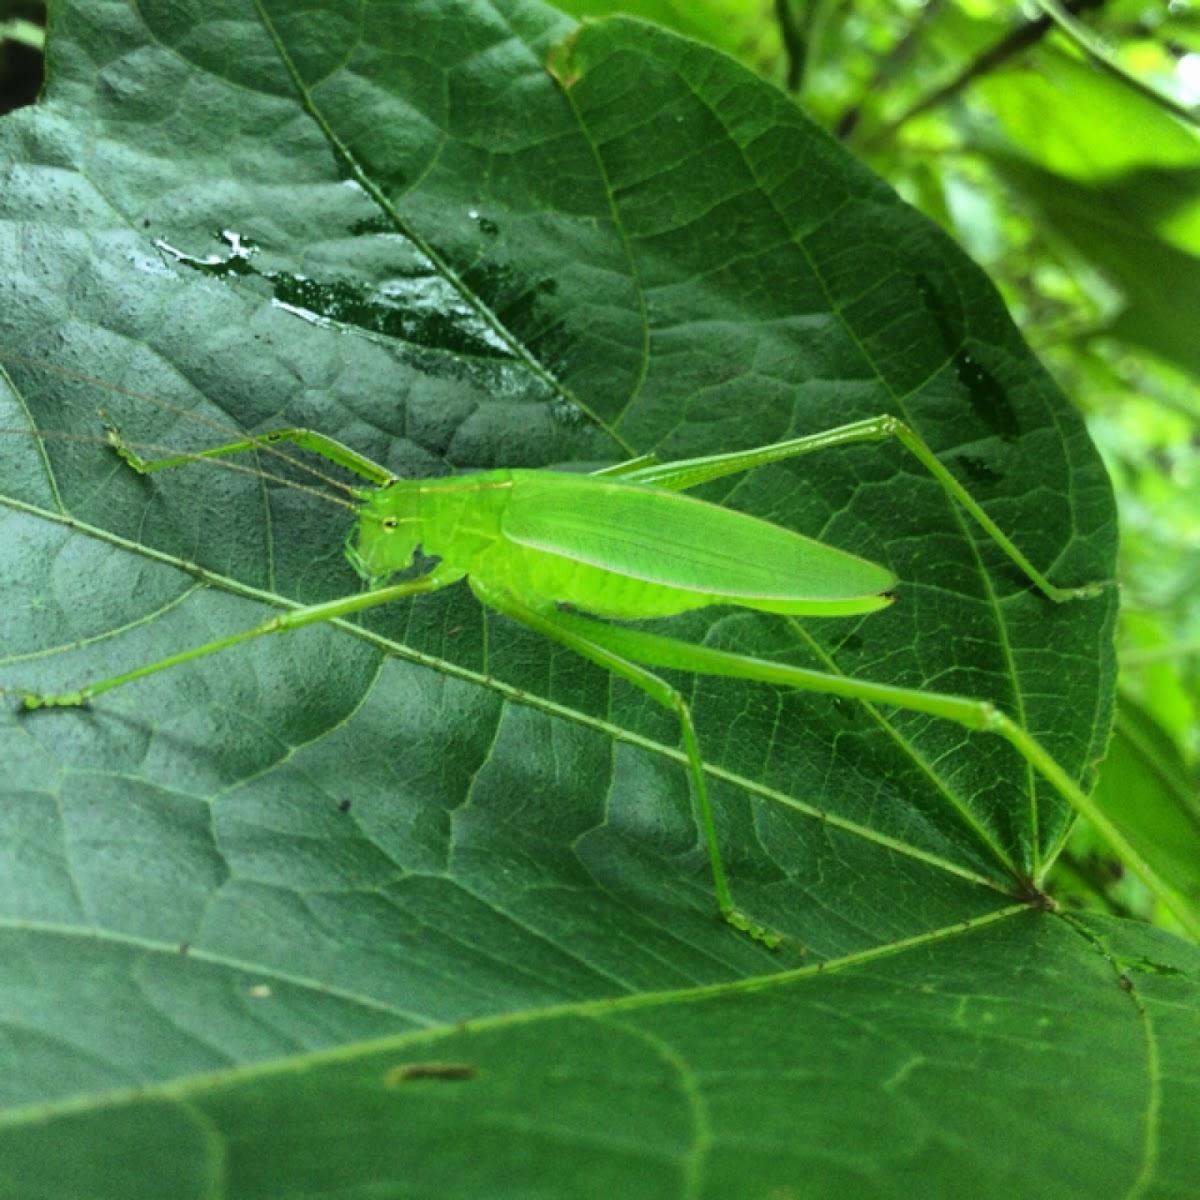 Longhorn grasshopper/Katydid